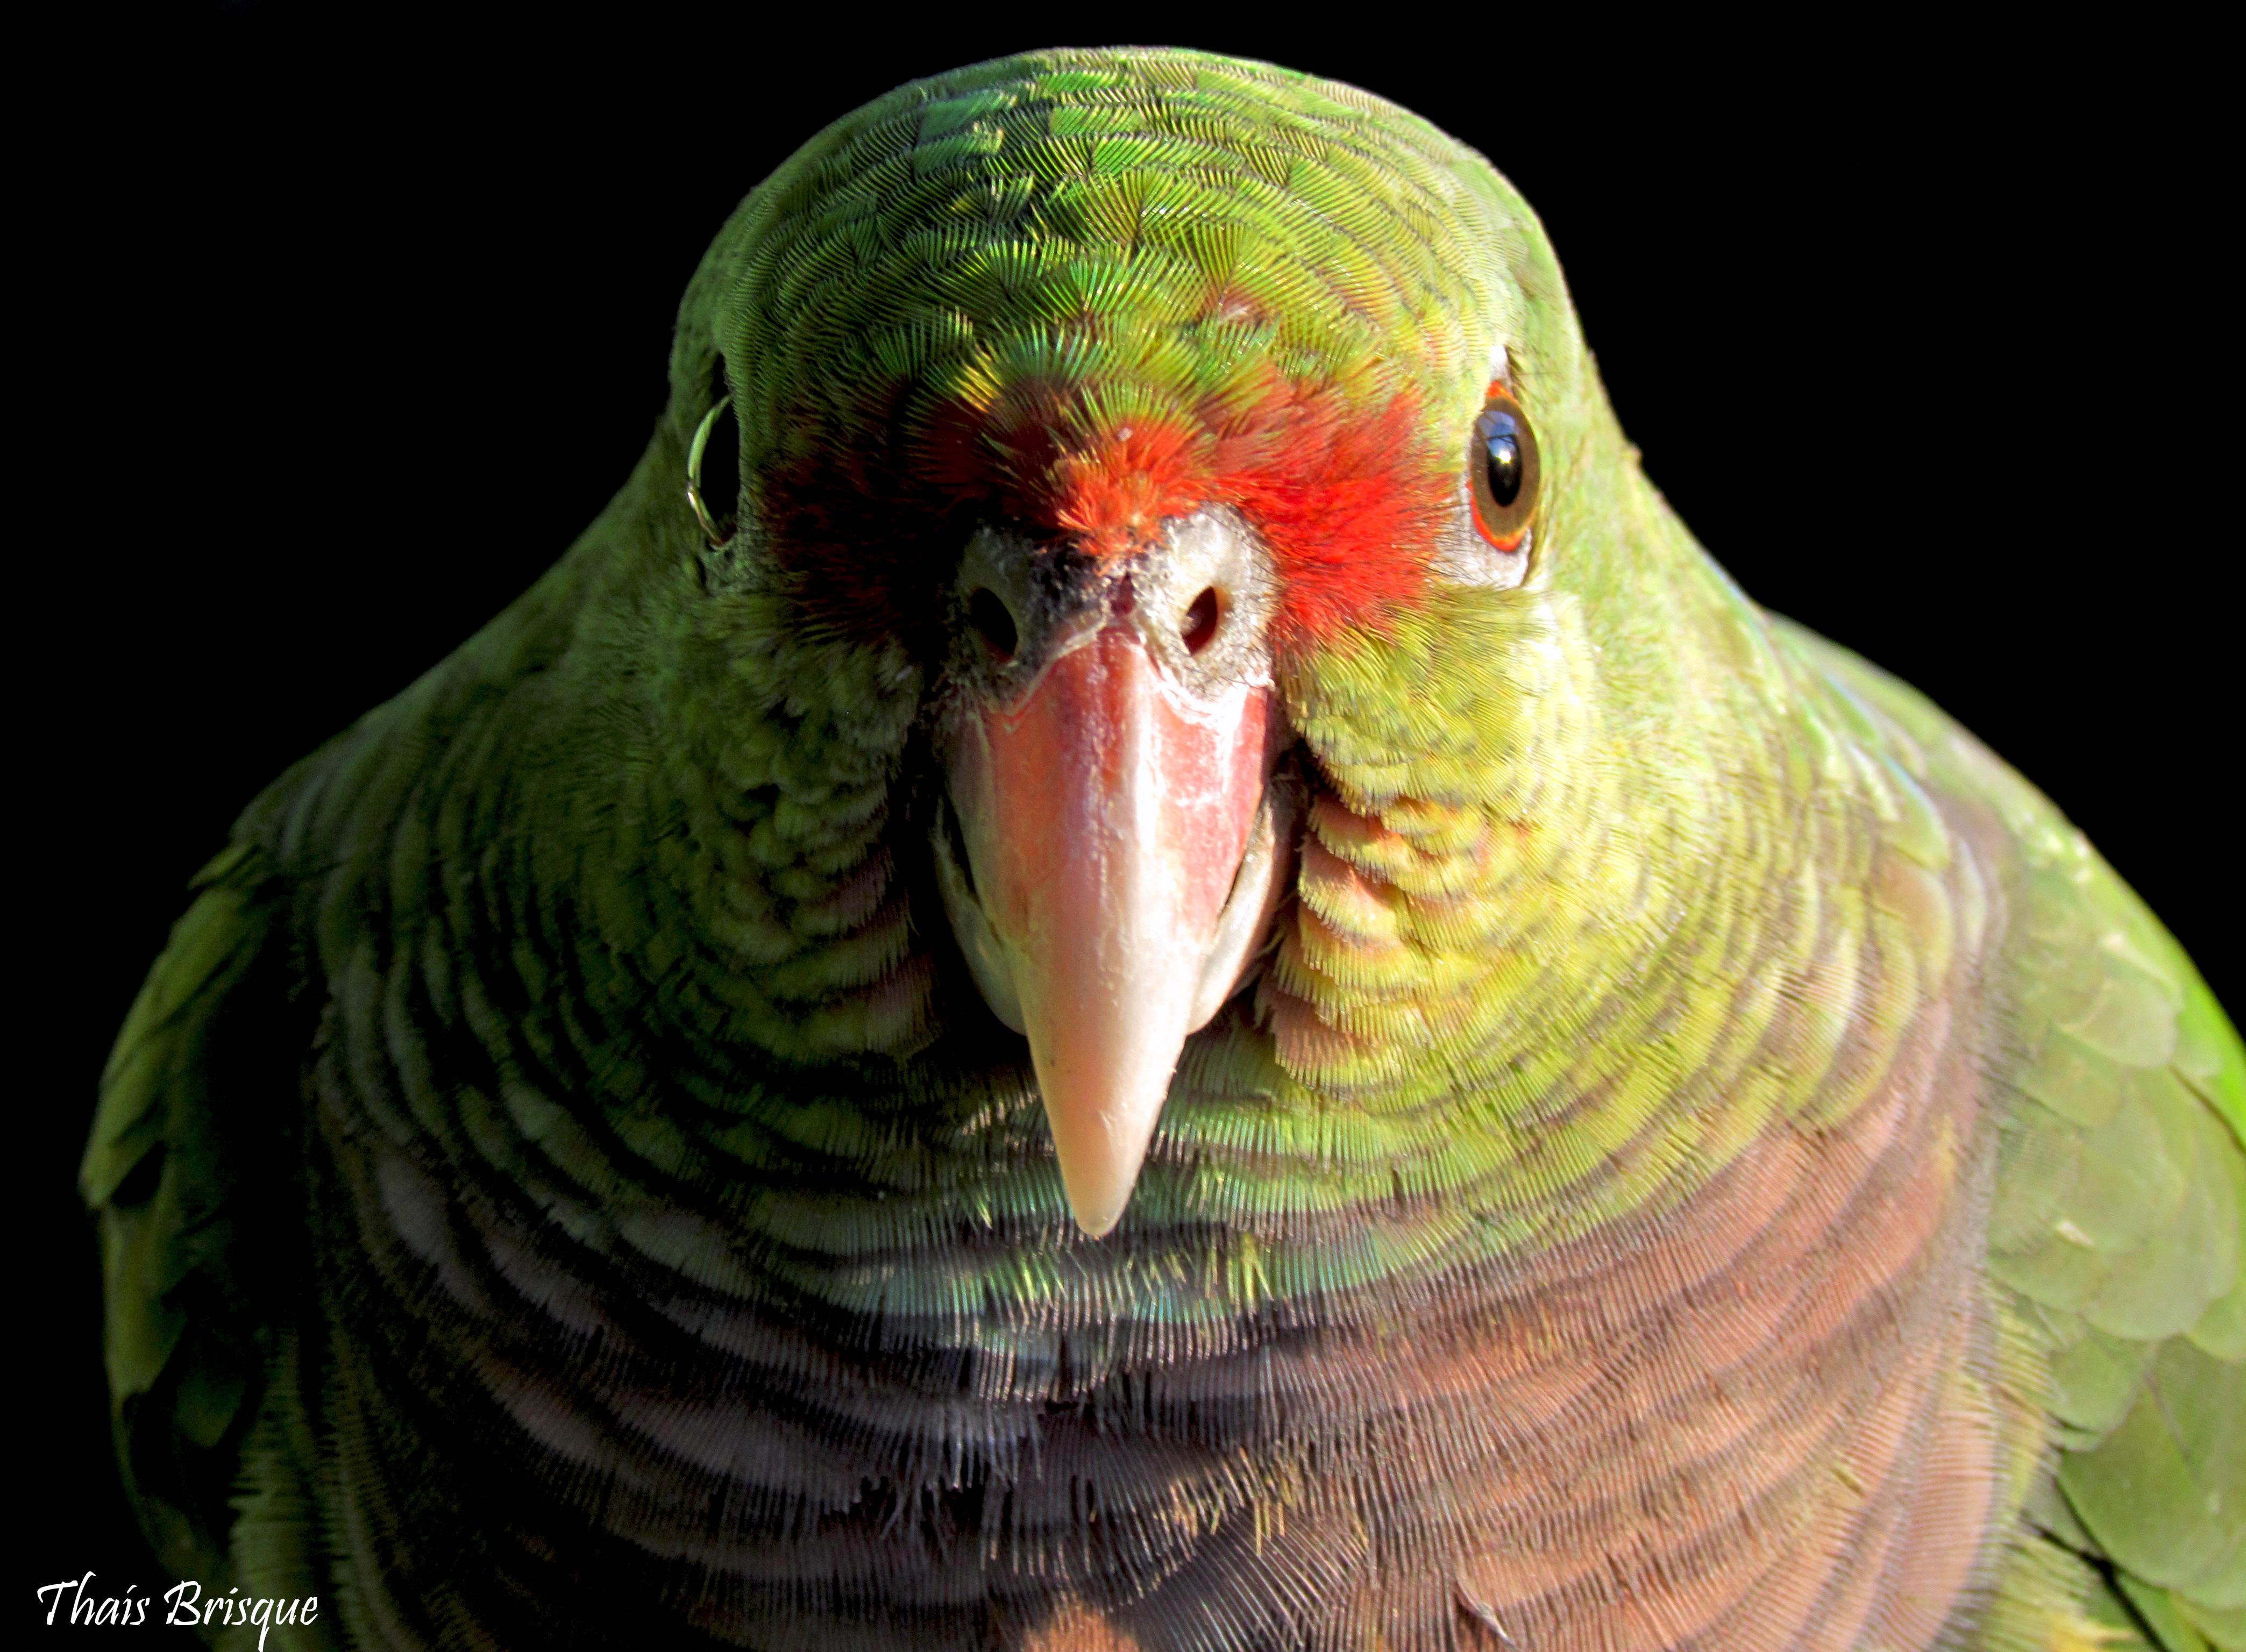 Nós protegemos o Papagaio-de-peito-roxo!